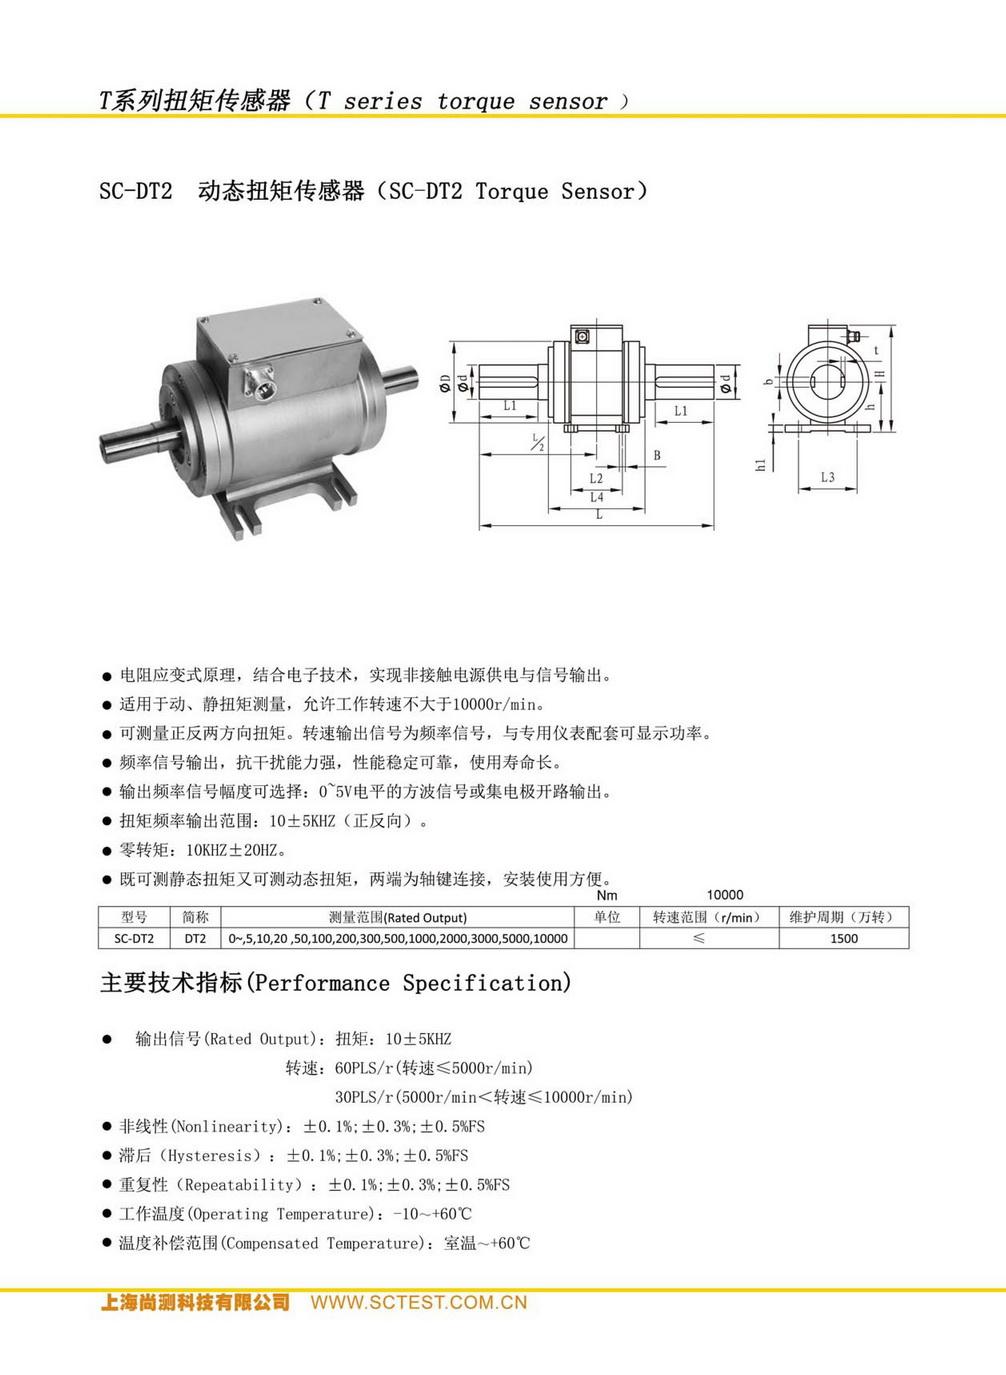 尚测科技产品选型手册 V1.3_页面_23_调整大小.jpg